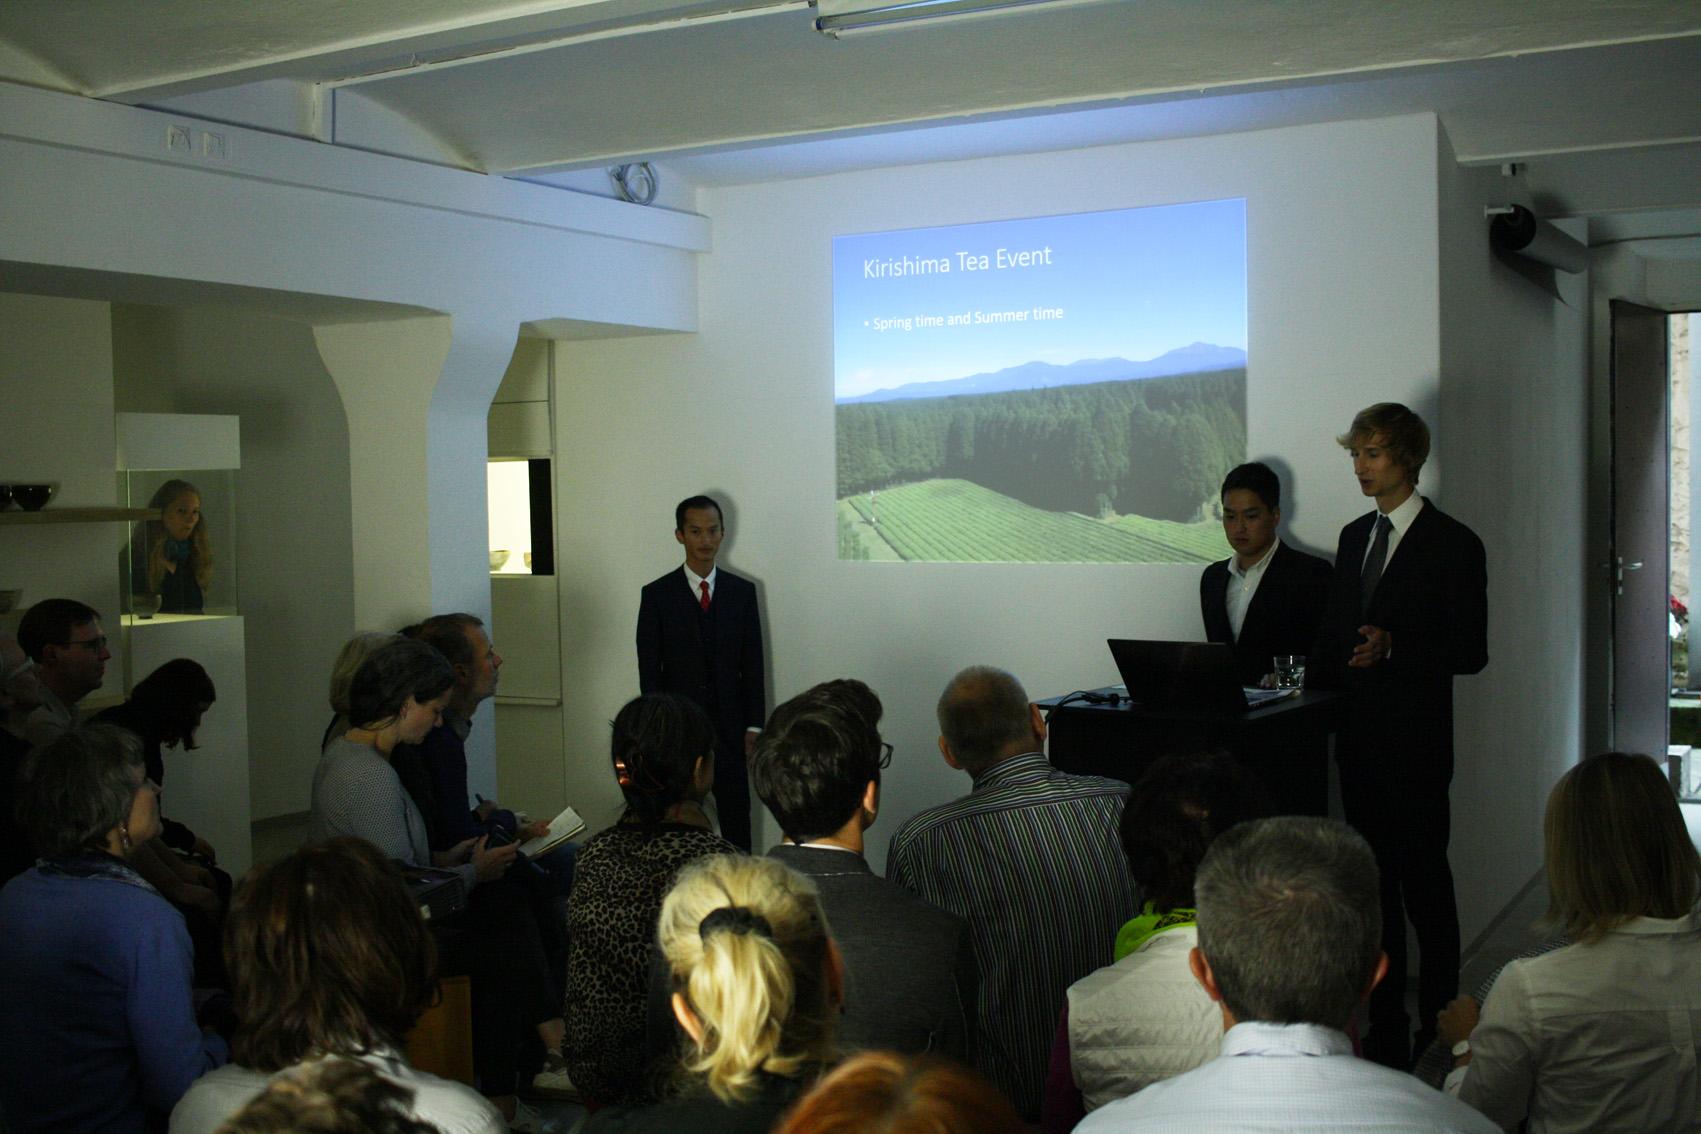 Shutaro und Kenji Hayashi während der Präsentation ihres Kirishima Teegartens